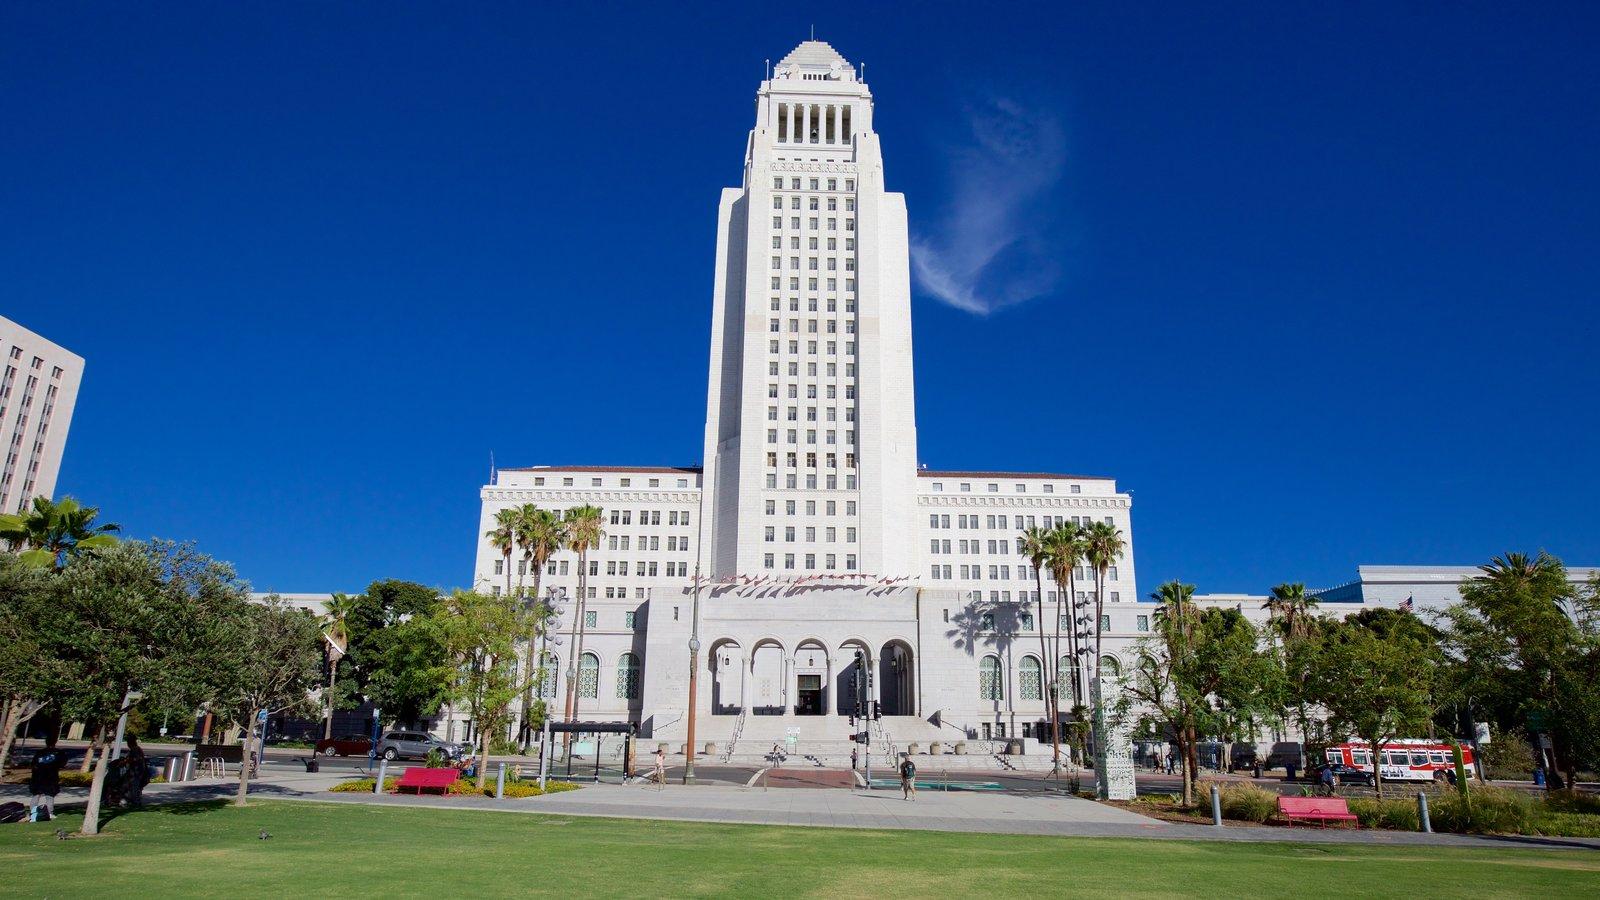 Ayuntamiento de Los Ángeles mostrando un edificio administrativo y un parque